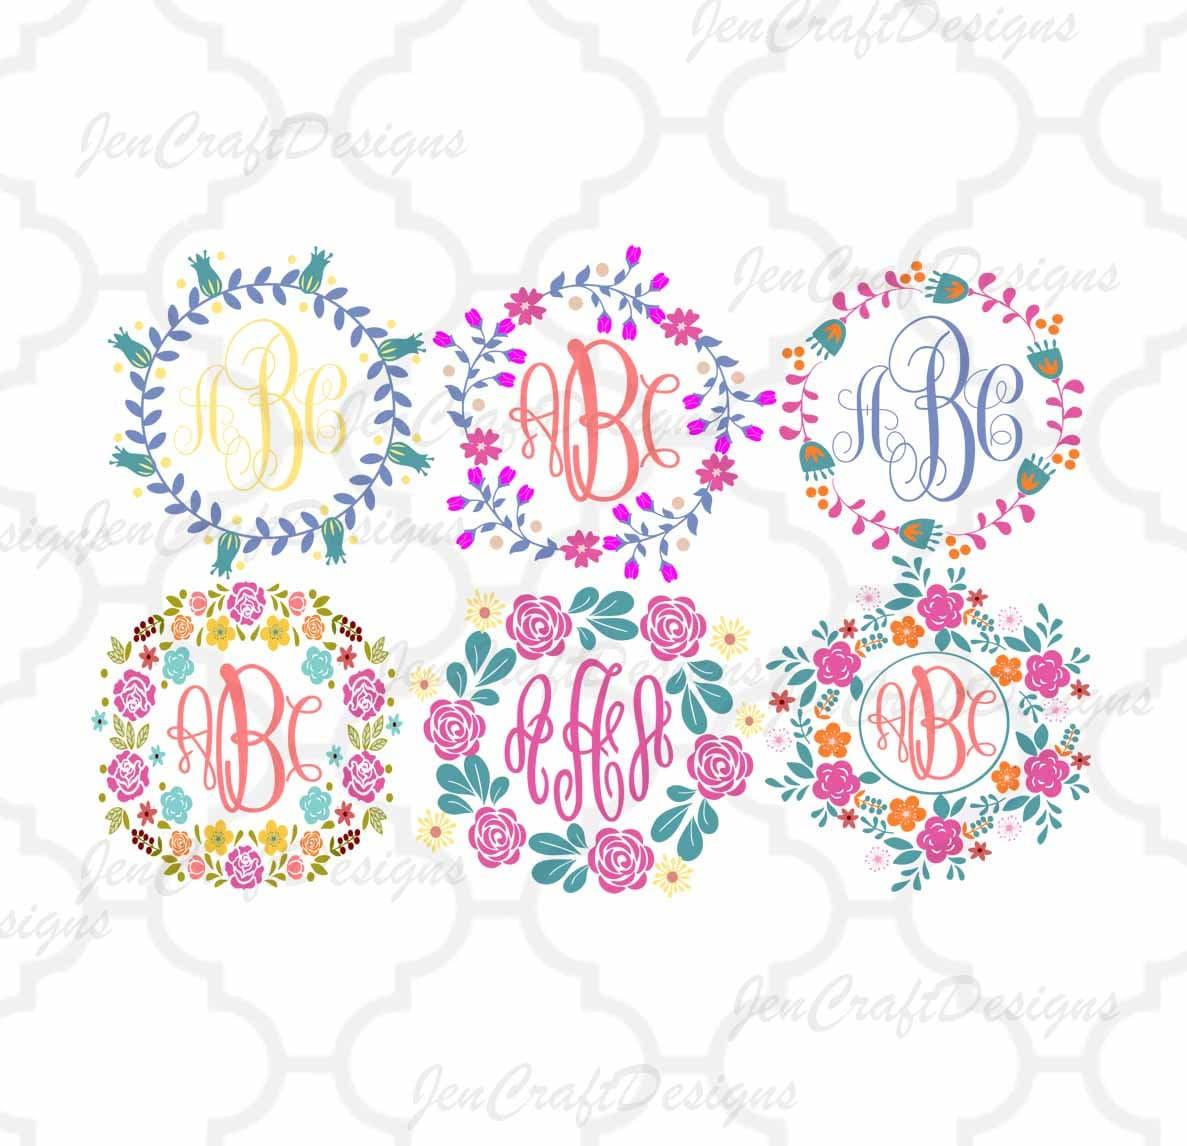 Shop Floral Monograms At Littlebrownnest Etsy Com: Floral Flower Wreaths Monogram Frames Cuttable SVG DXF EPS